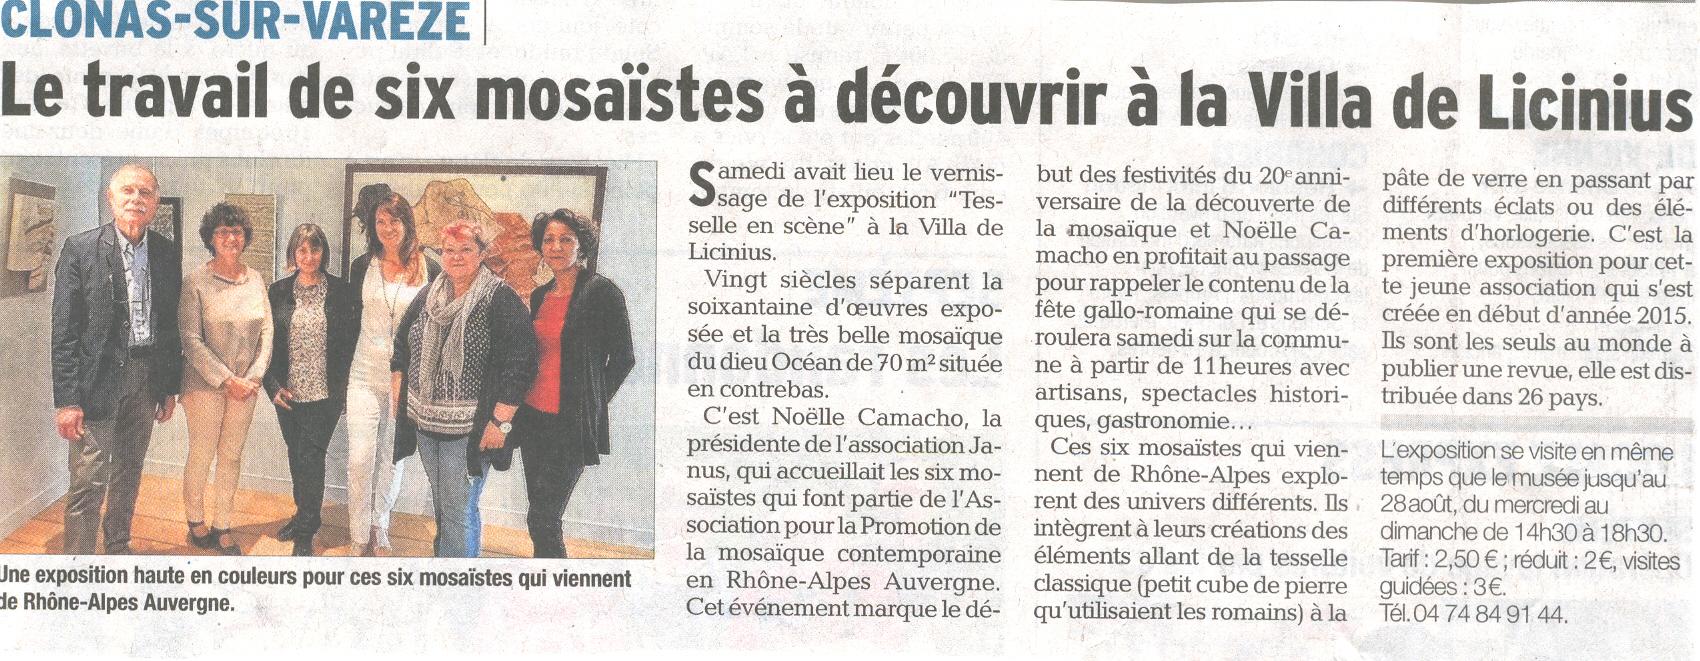 Dauphiné Libéré Expo Mosaique